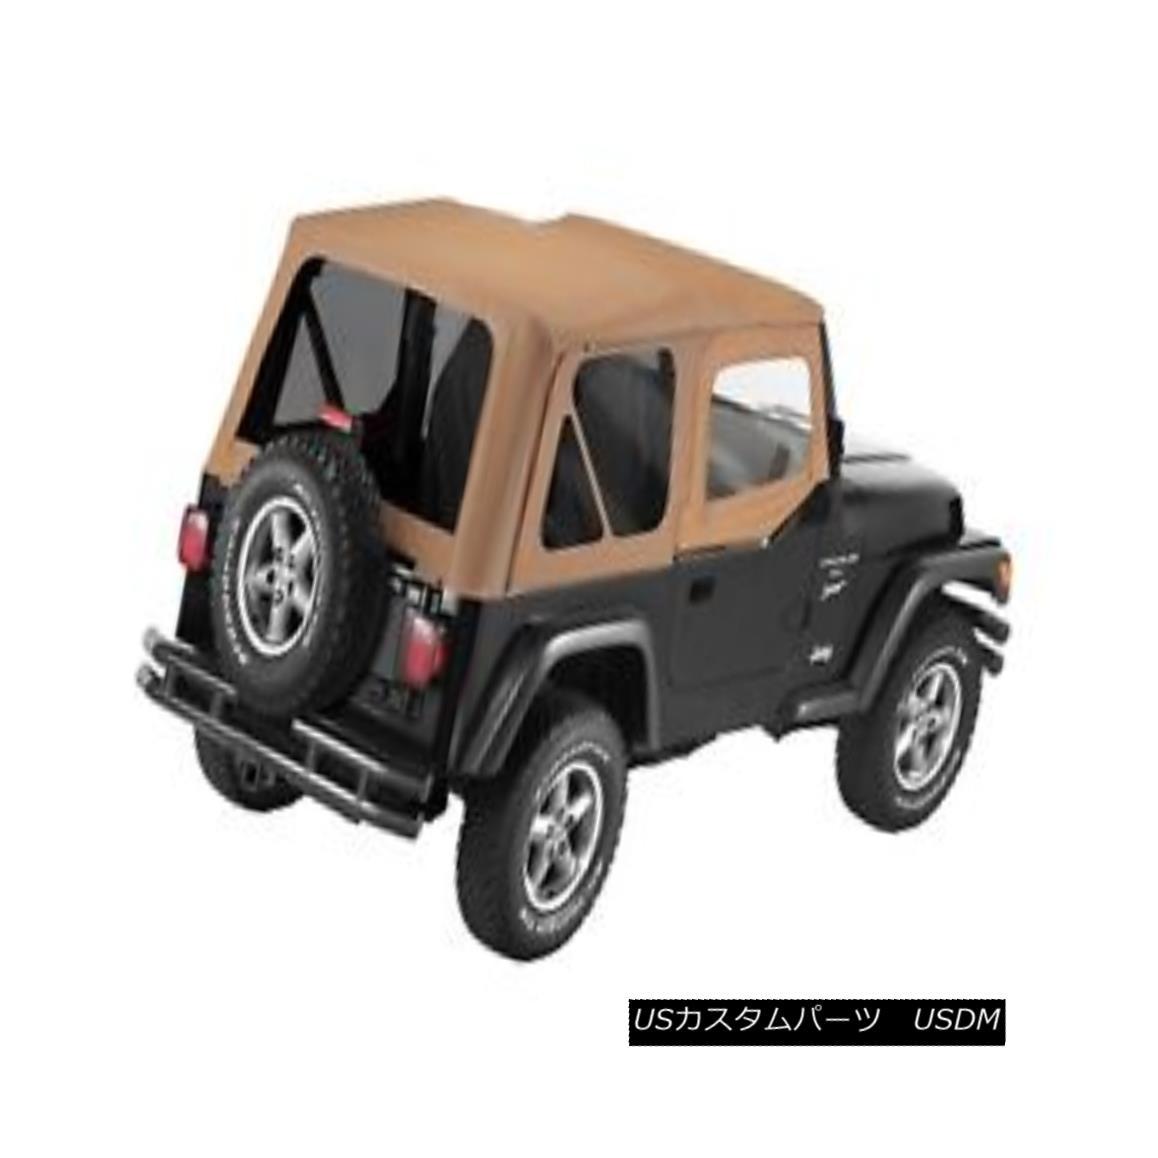 最安価格 幌・ソフトトップ Bestop Sailcloth 79124-37 Jeep Sailcloth Soft Replace-a-Top Replace-a-Top Soft Top Spice Bestop 79124-37ジープセイルクロス交換トップソフトトップスパイス, スポーツショップ グラスホッパー:fa76ceb1 --- irecyclecampaign.org